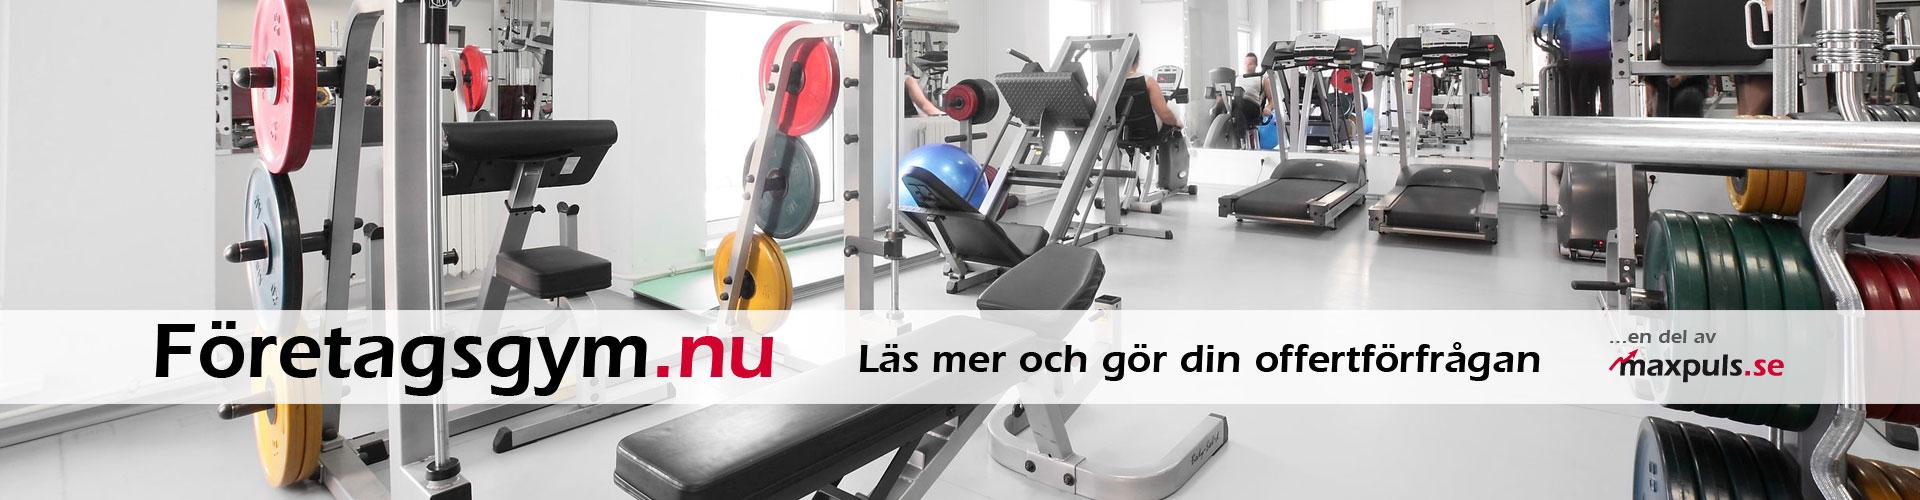 Gymutrustning till företag och privatpersoner!